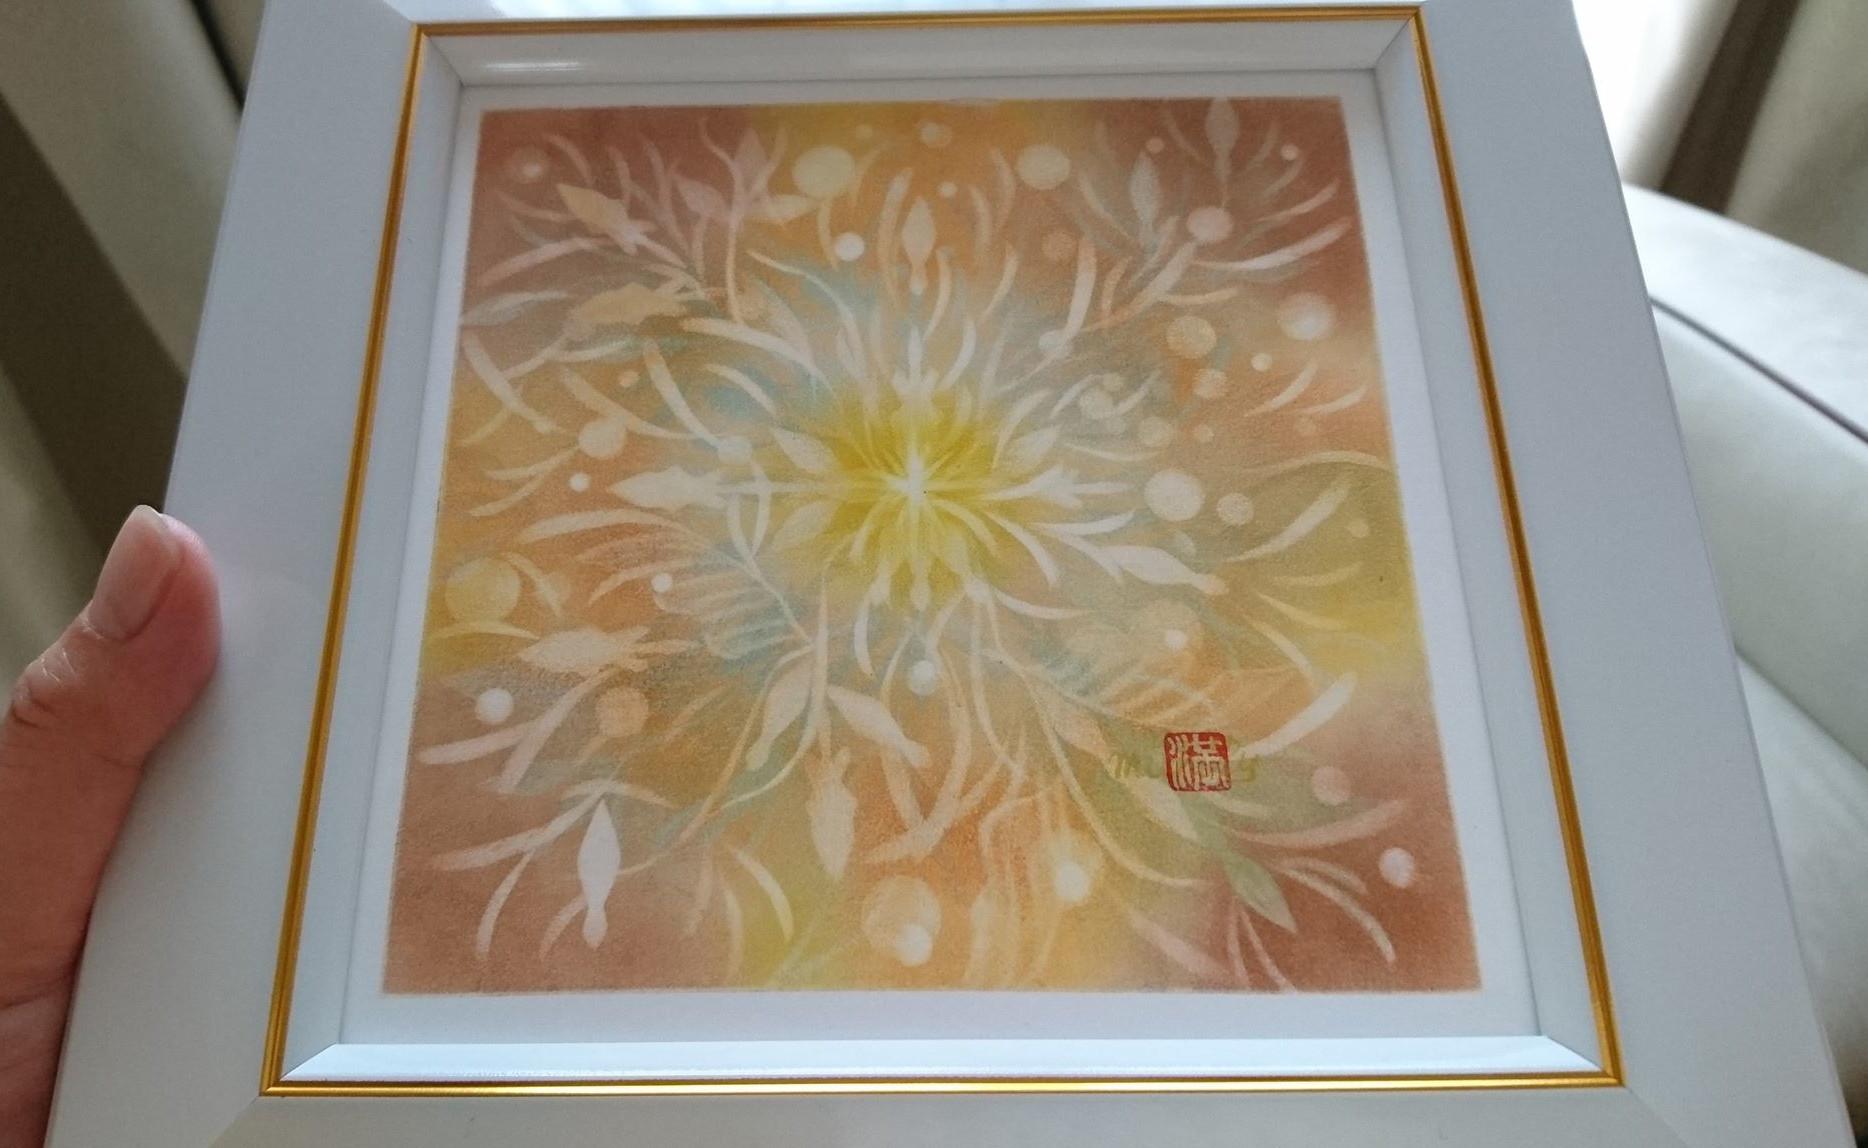 【制作実績】結晶の花アート「反応を楽しむ」2